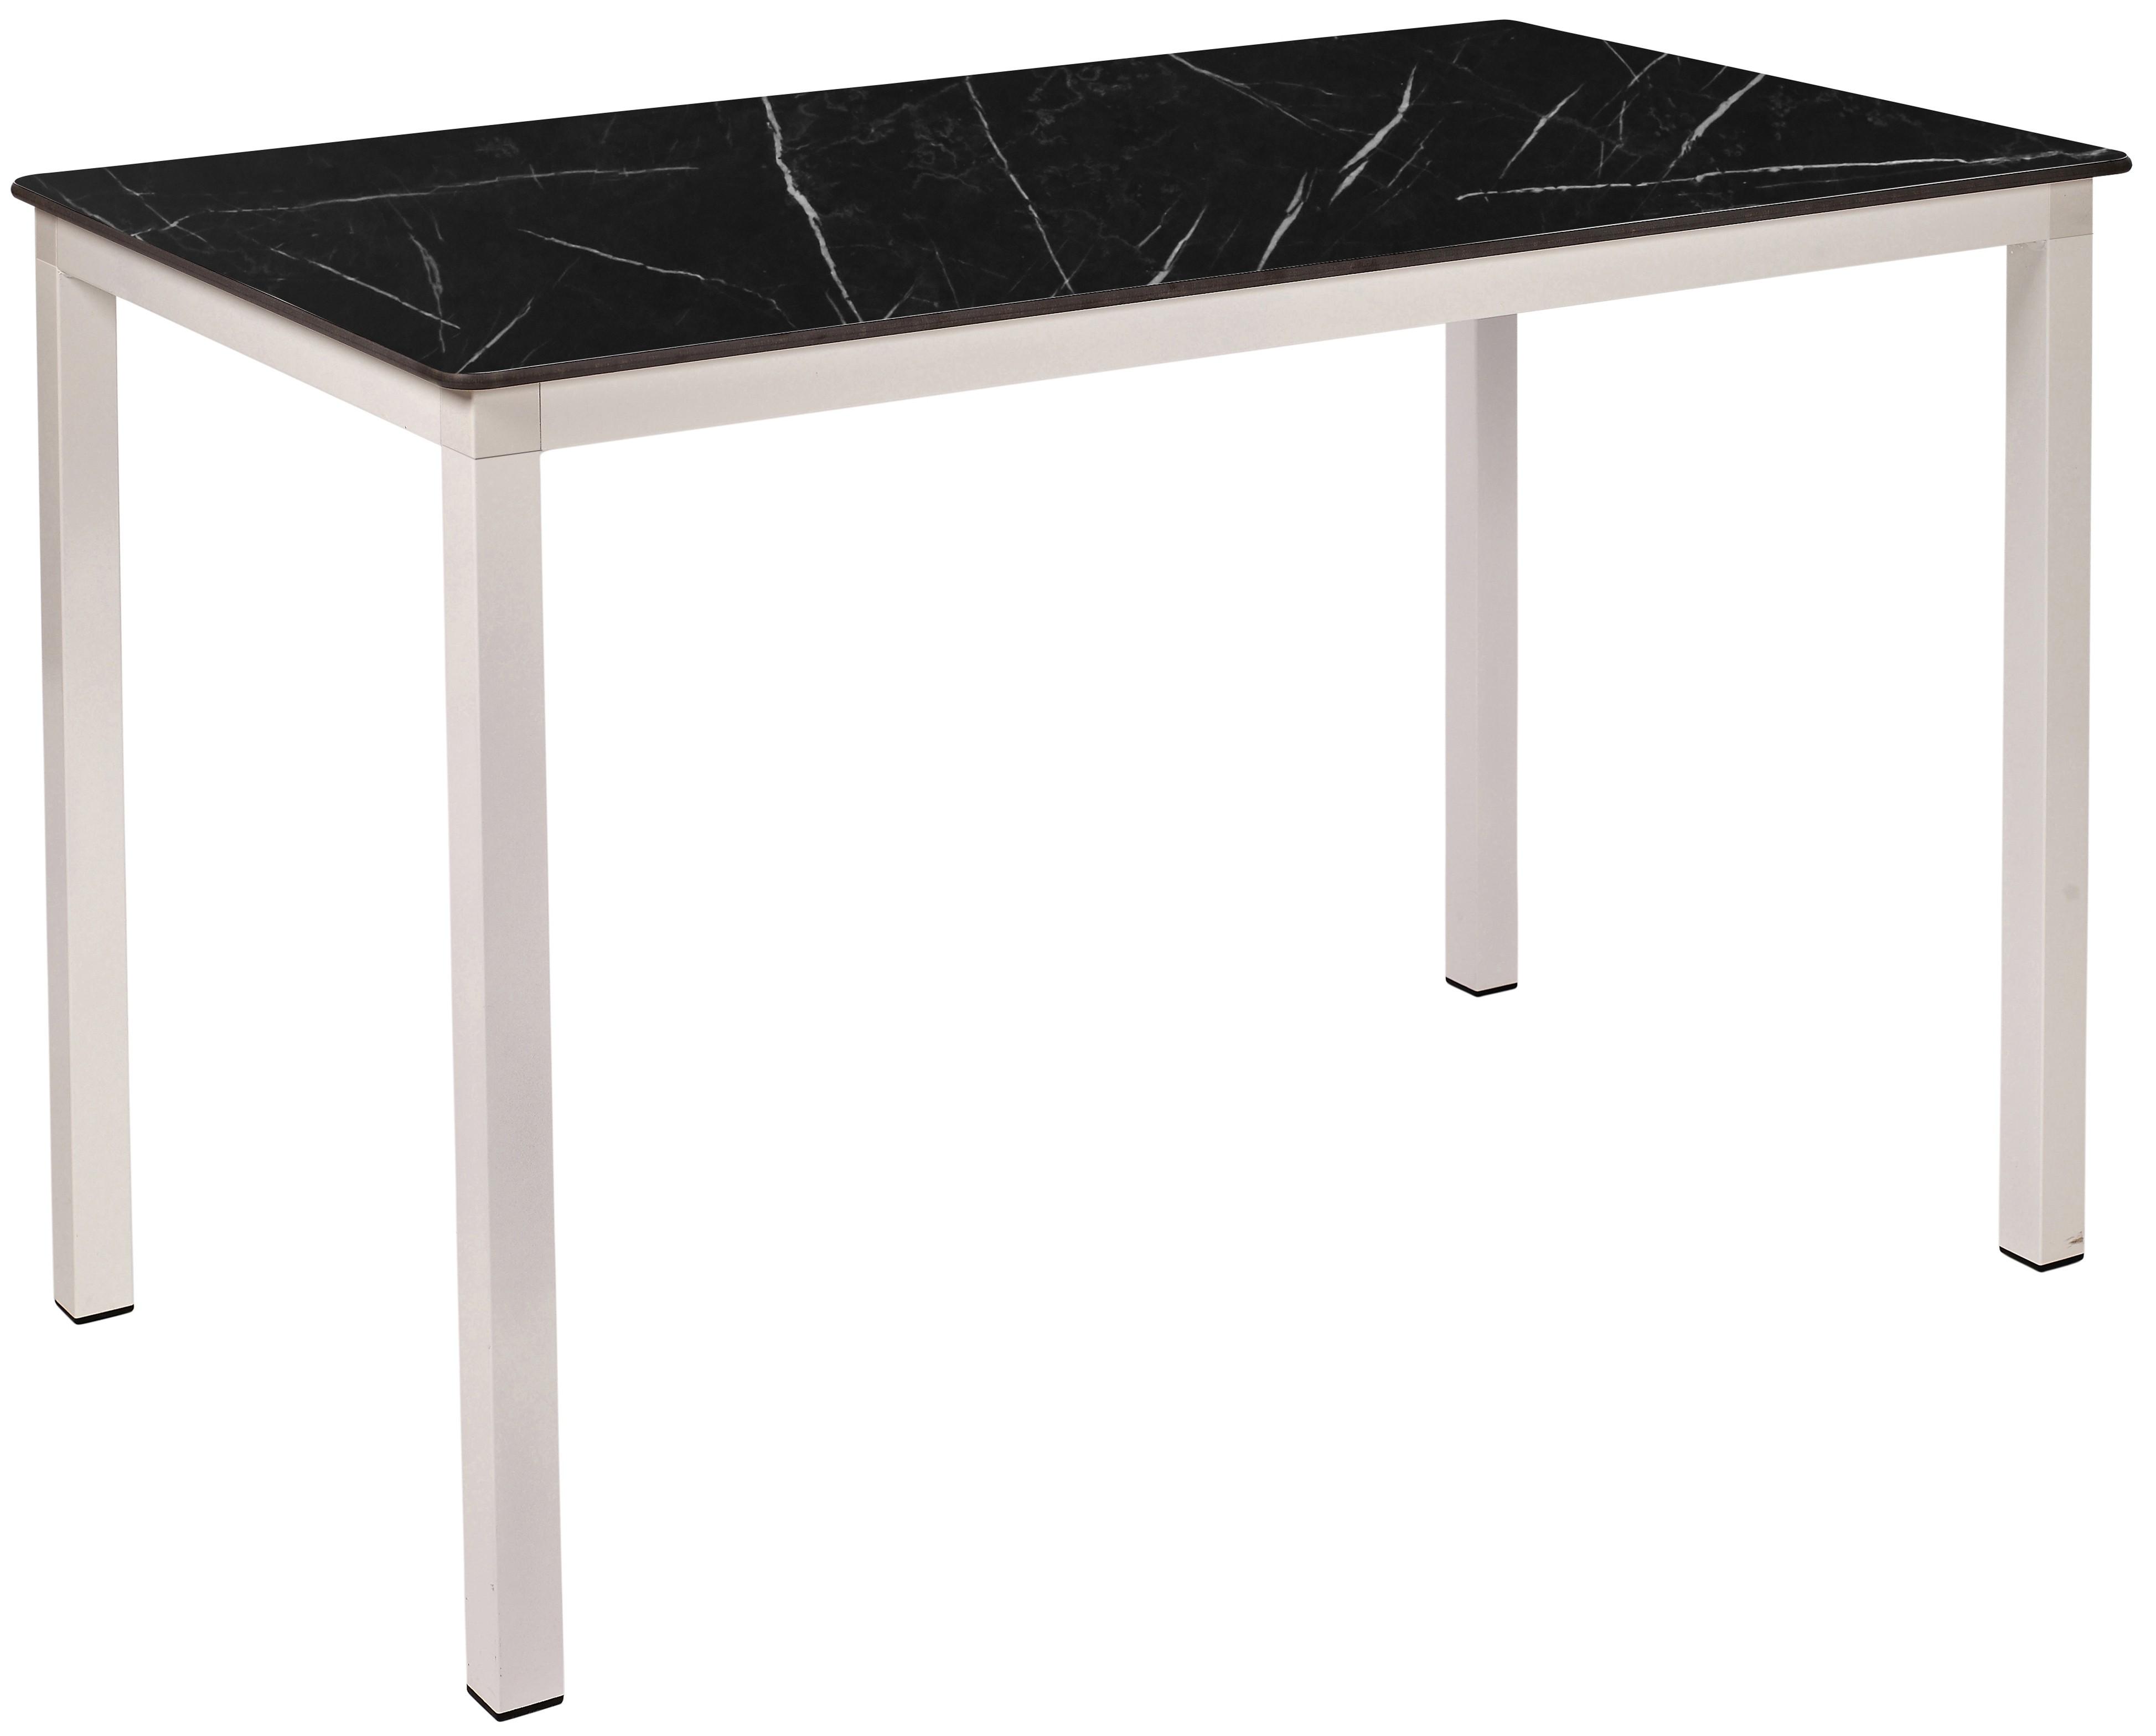 Mesa Ezpeleta apilable white Blancos black marble Aluminio lacado 120x80